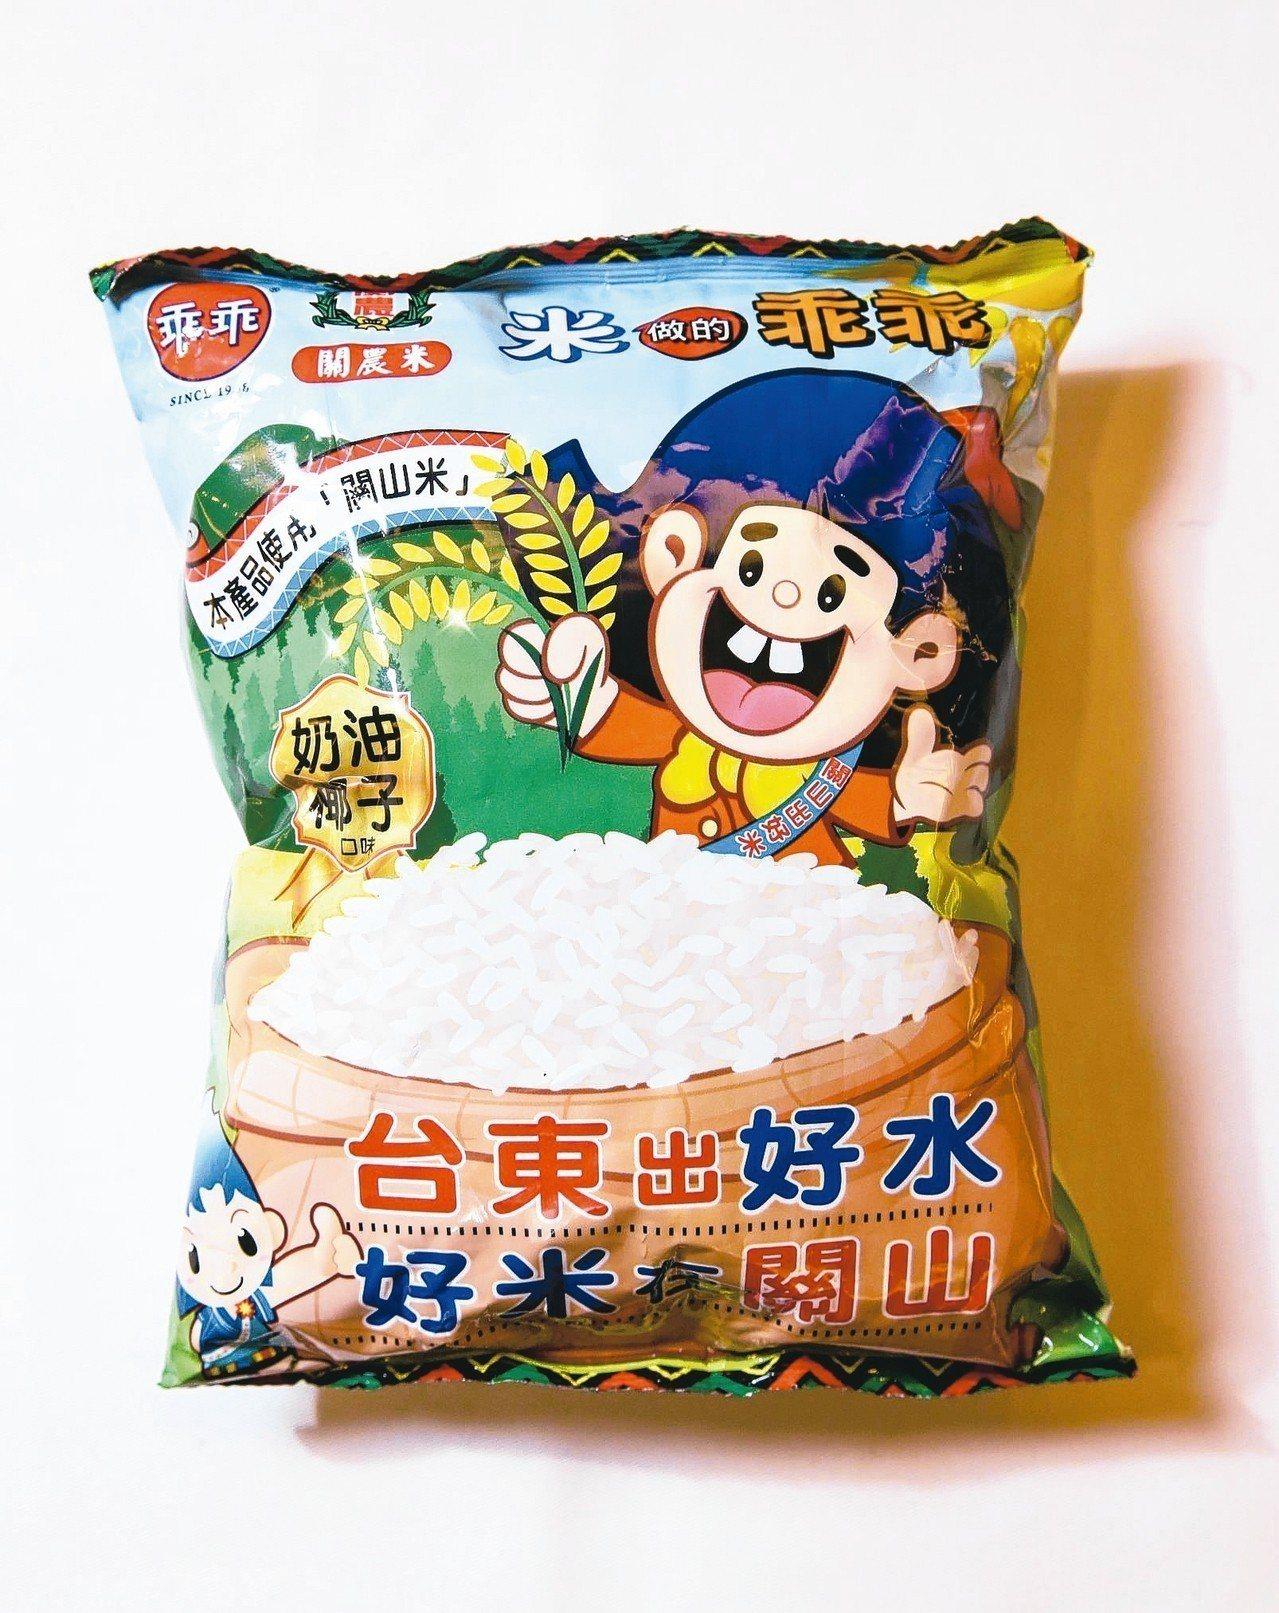 台東縣關山鎮農會去年推出「米乖乖」,上市一年。造成風潮。 記者鄭清元/攝影